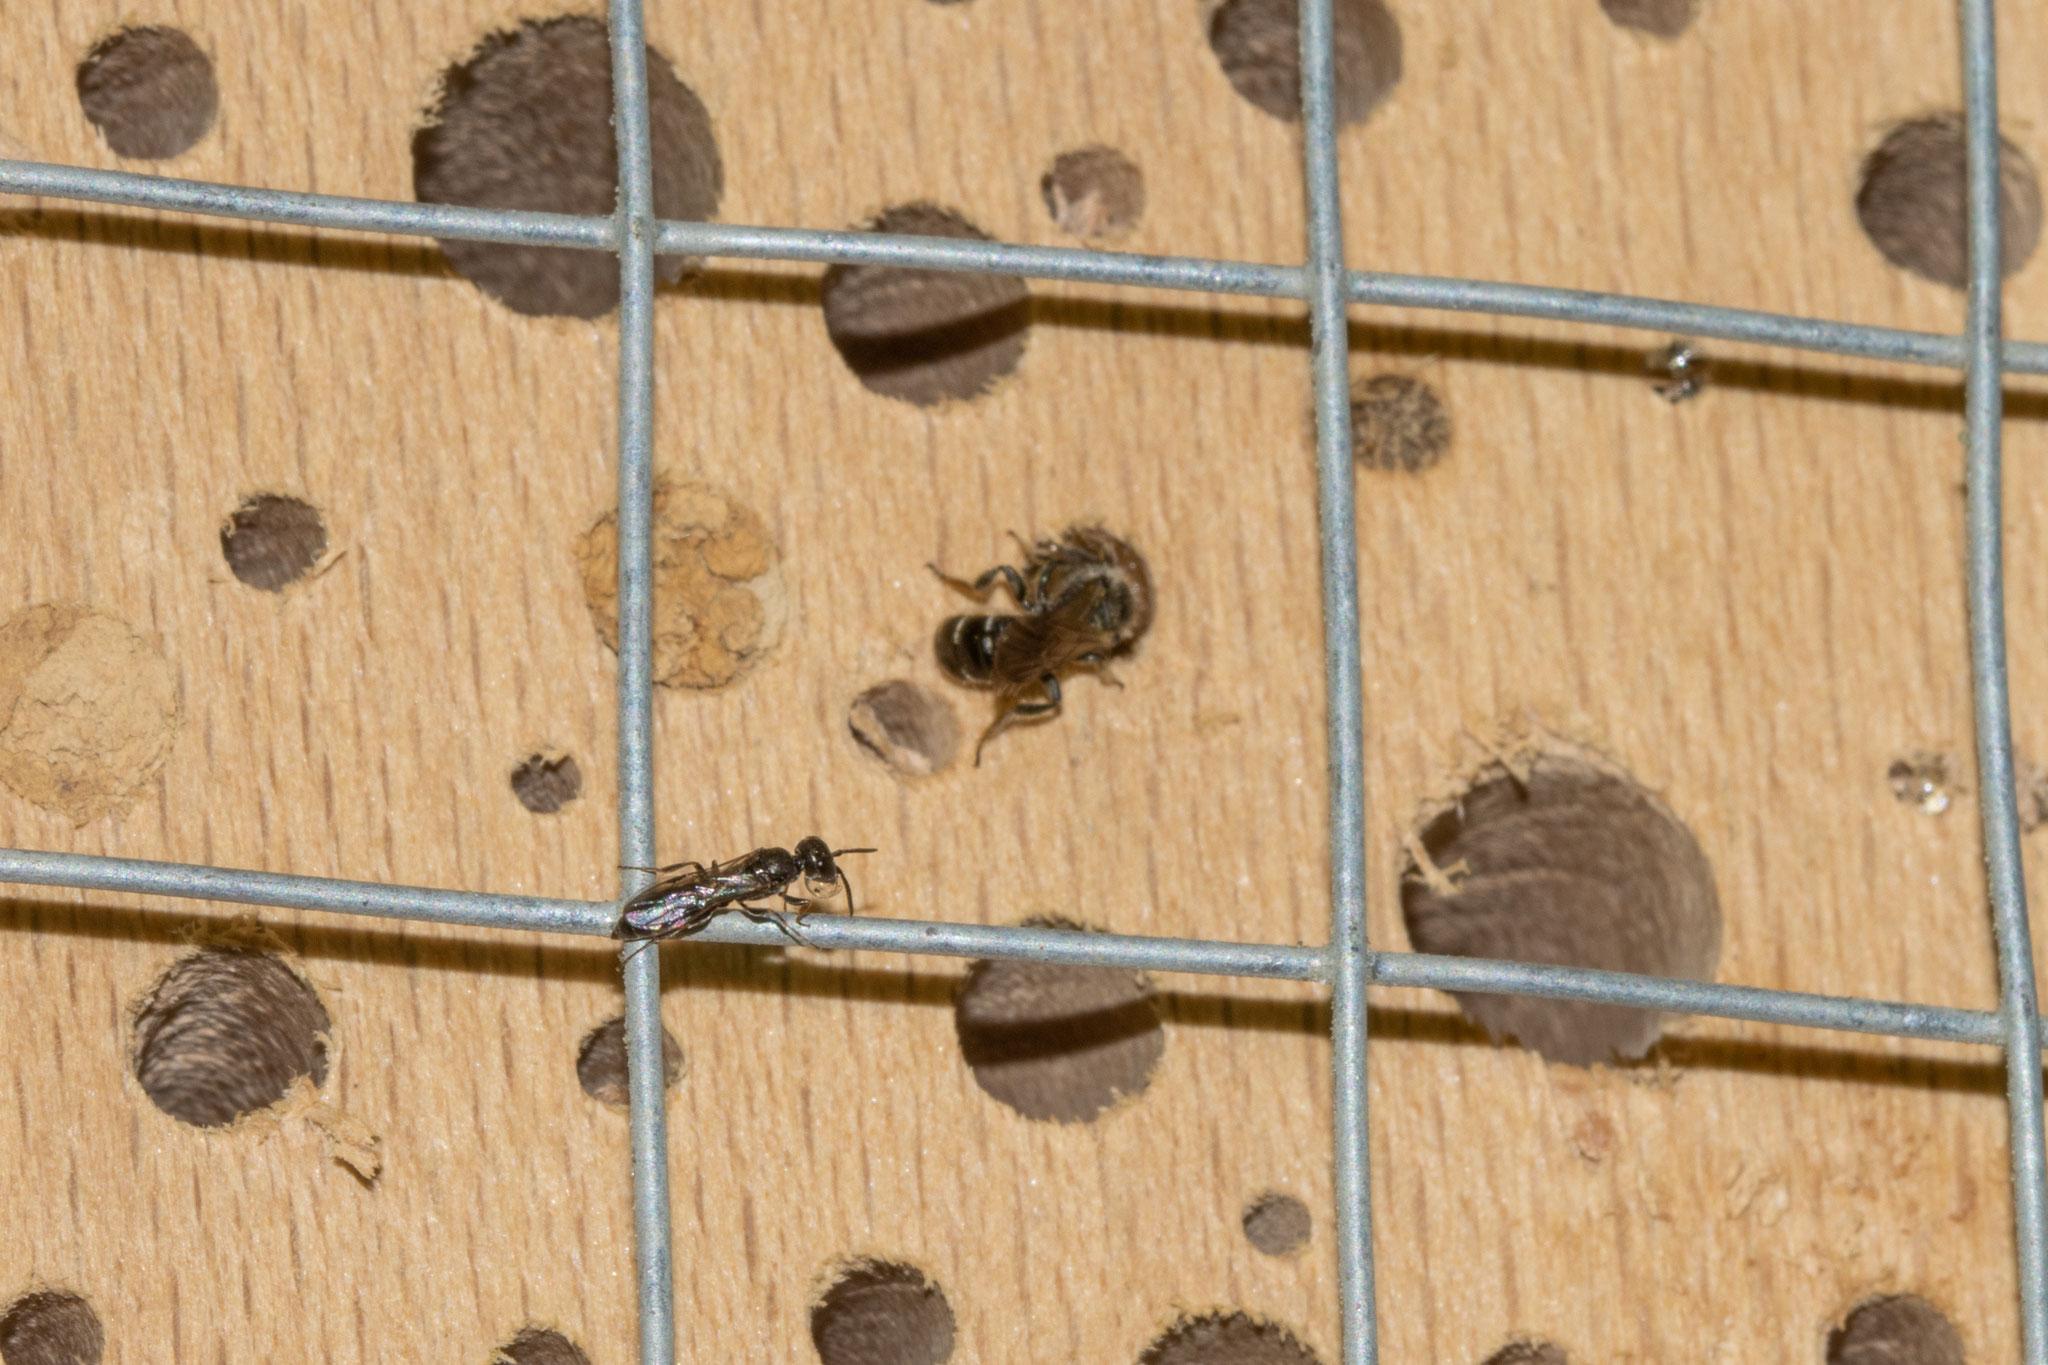 Parasitische Keulenwespe [Sapygina decemguttata] auf Gitter; Gewöhnliche Löcherbiene [Heriades truncorum] verschließt ihr Loch (Foto: B. Budig)